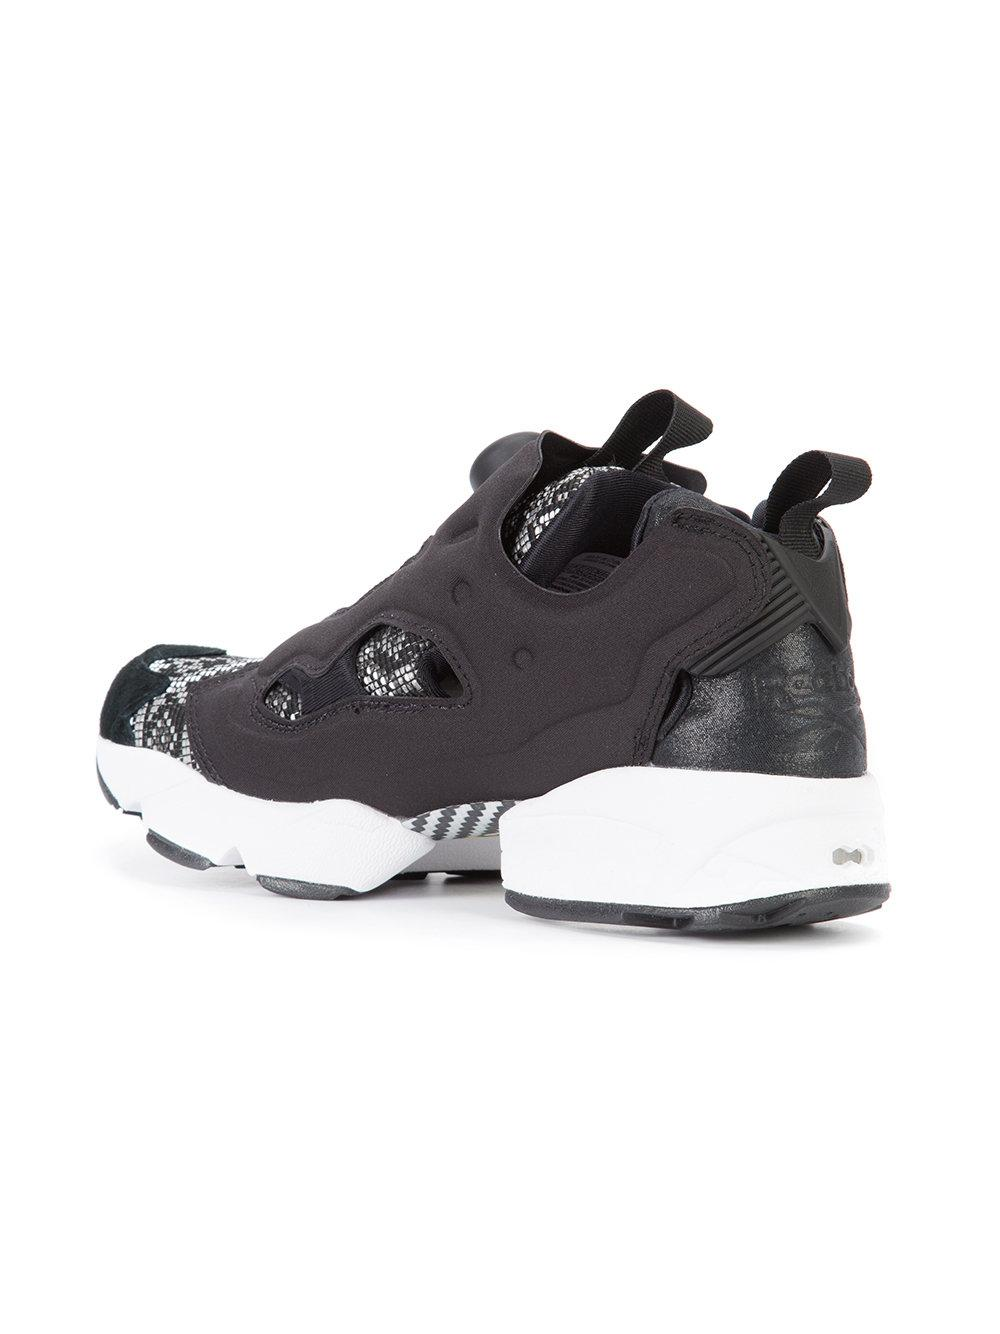 e3e28c31c17 Lyst - Reebok Instapump Fury Gt Sneakers in Black